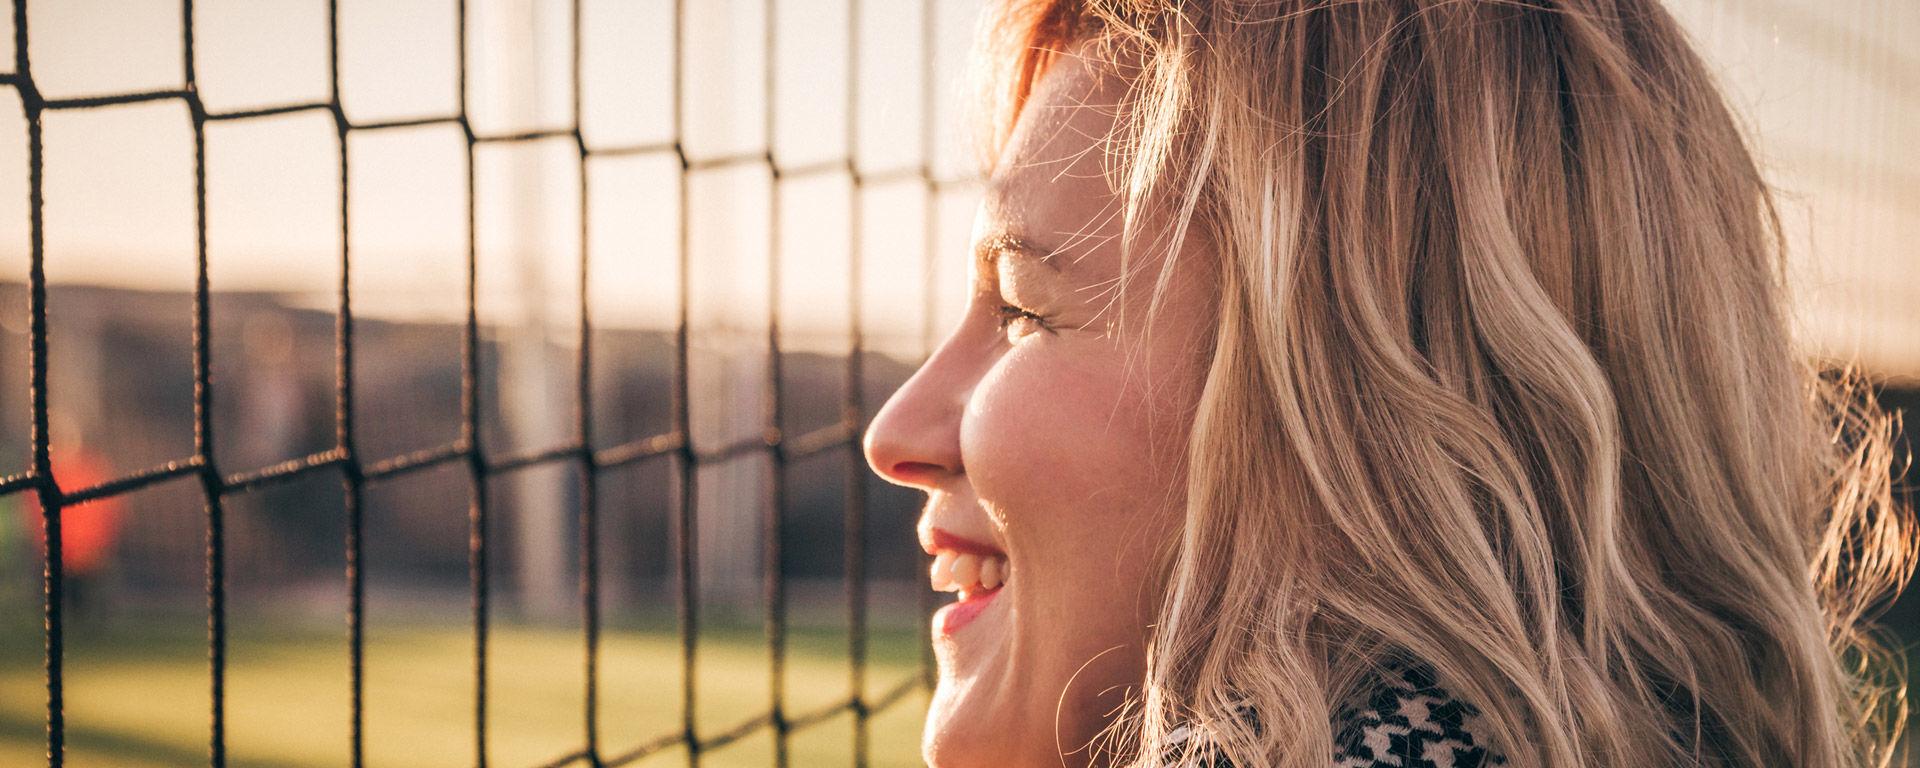 Hyväkysymys.fi erbjuder kunskap och stöd för vuxna.